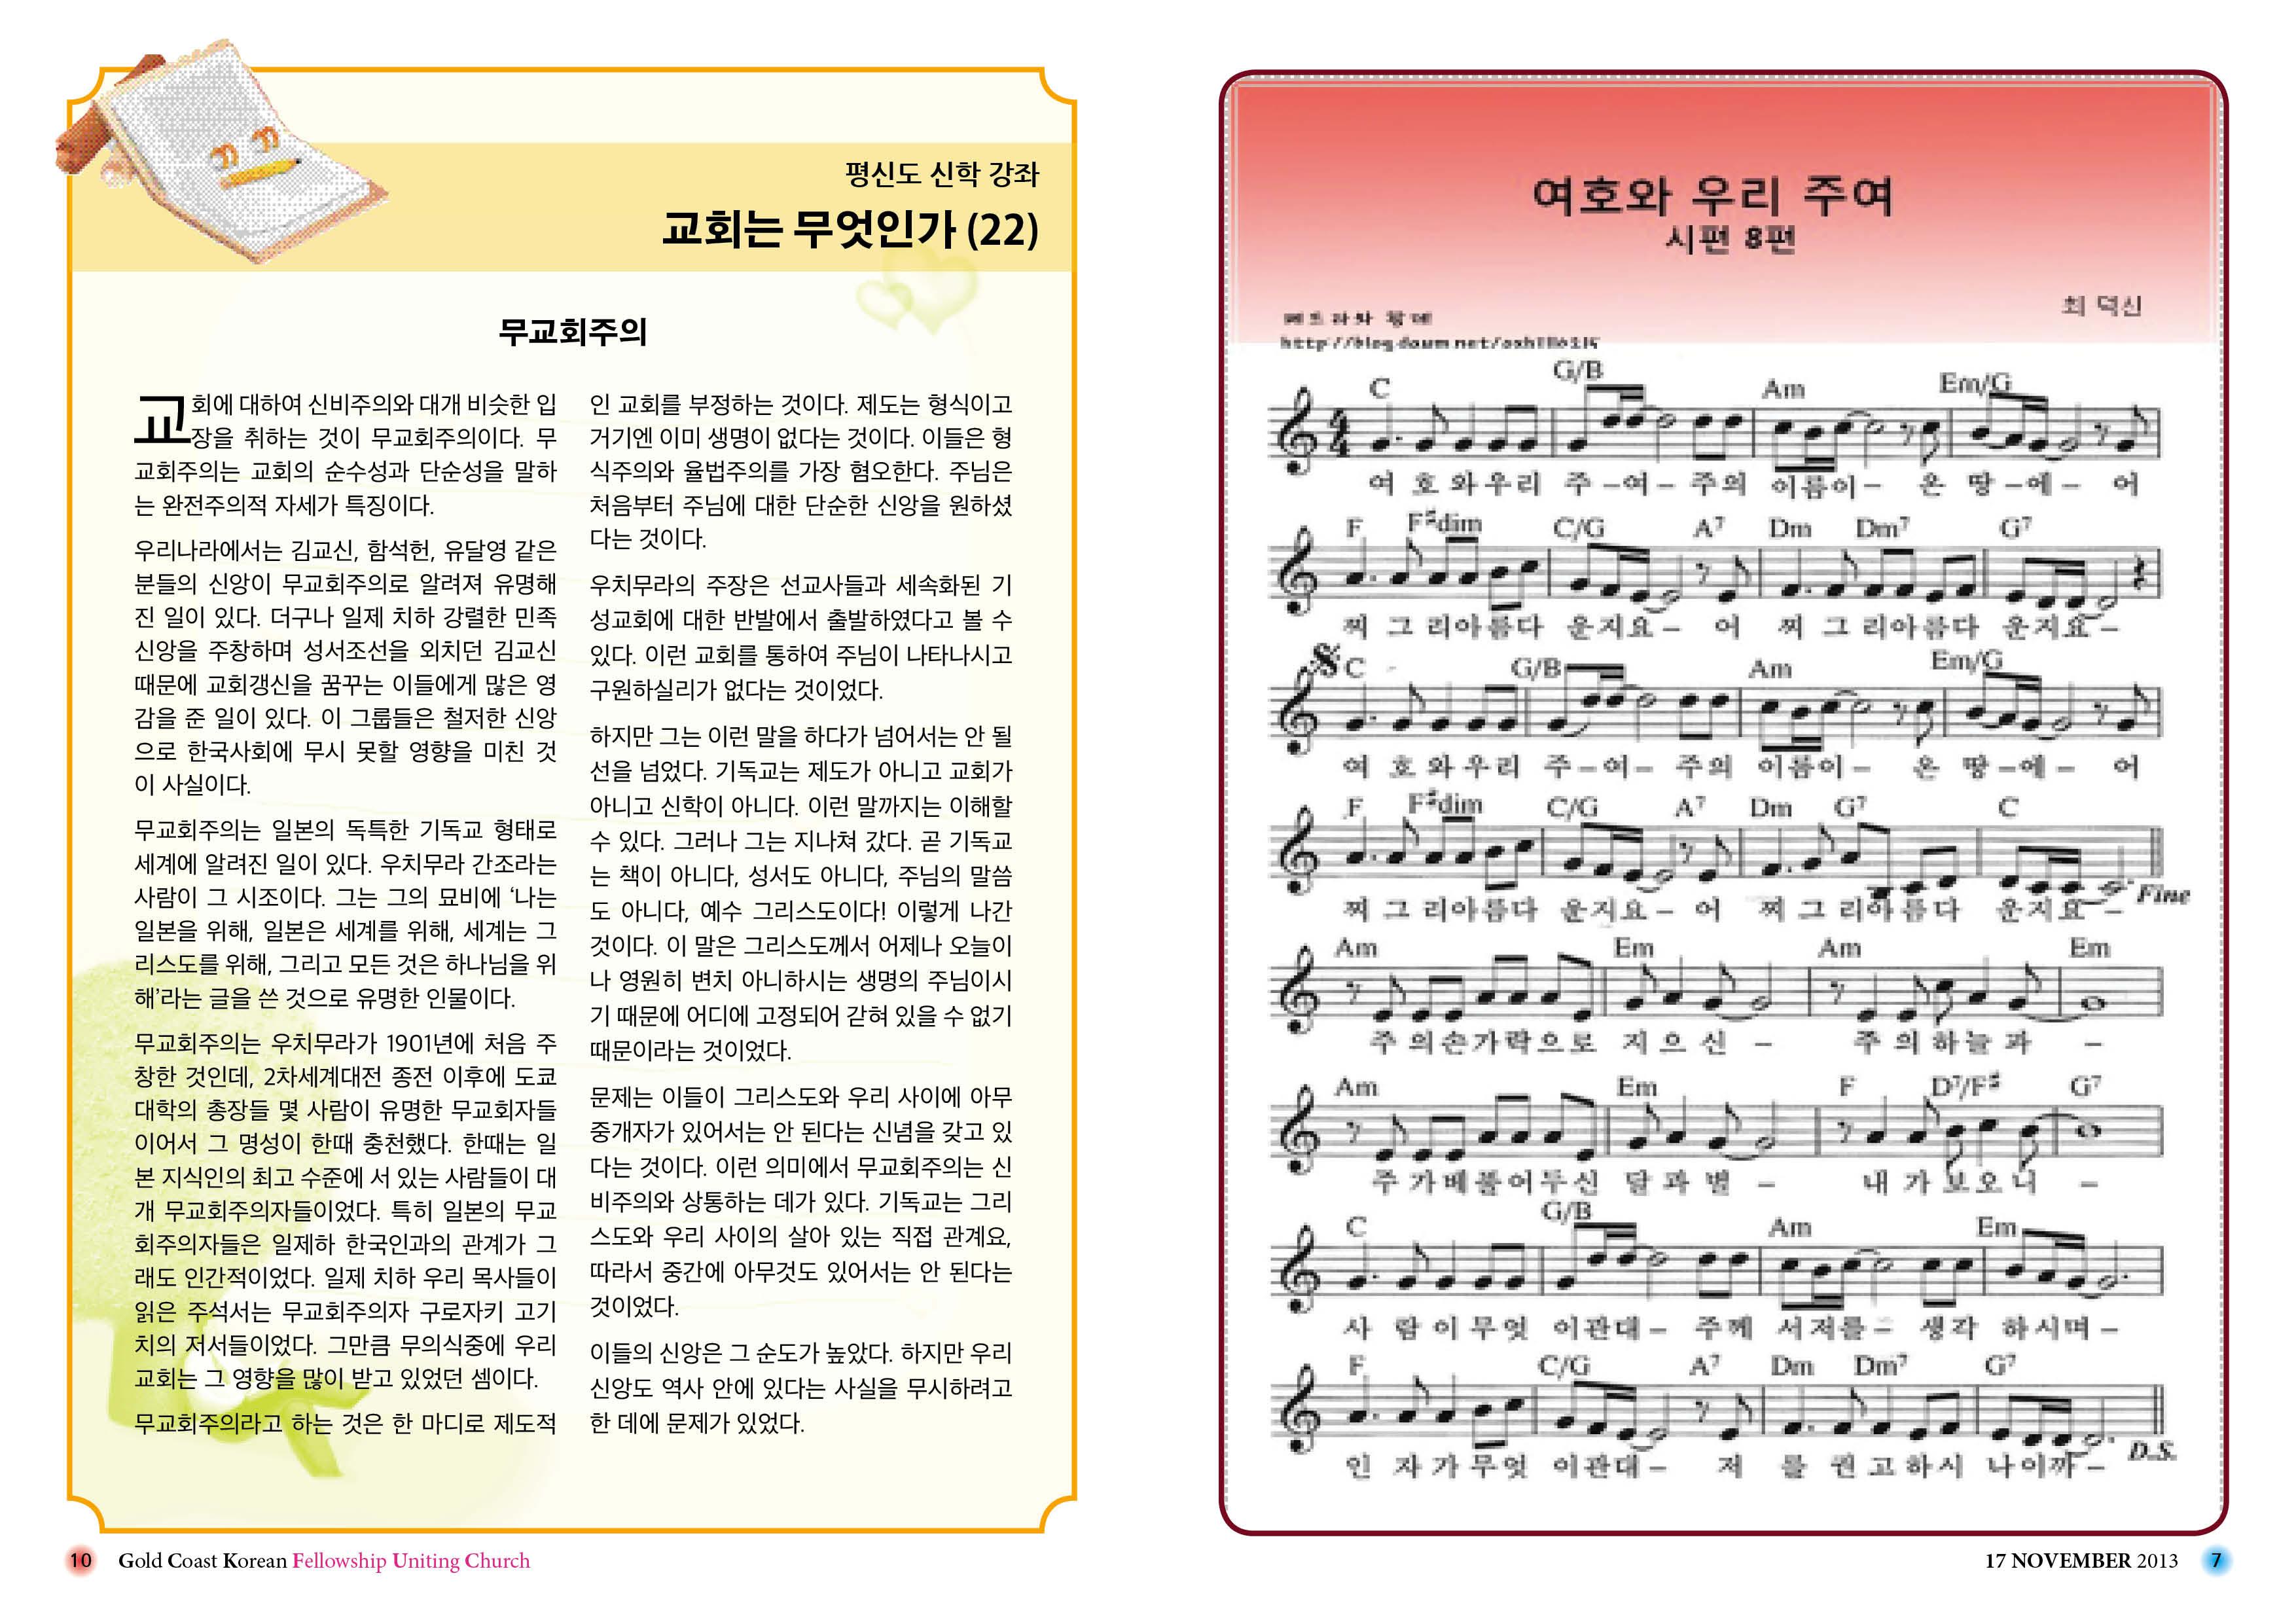 2013.11.10 주보(3차 수정)7.jpg